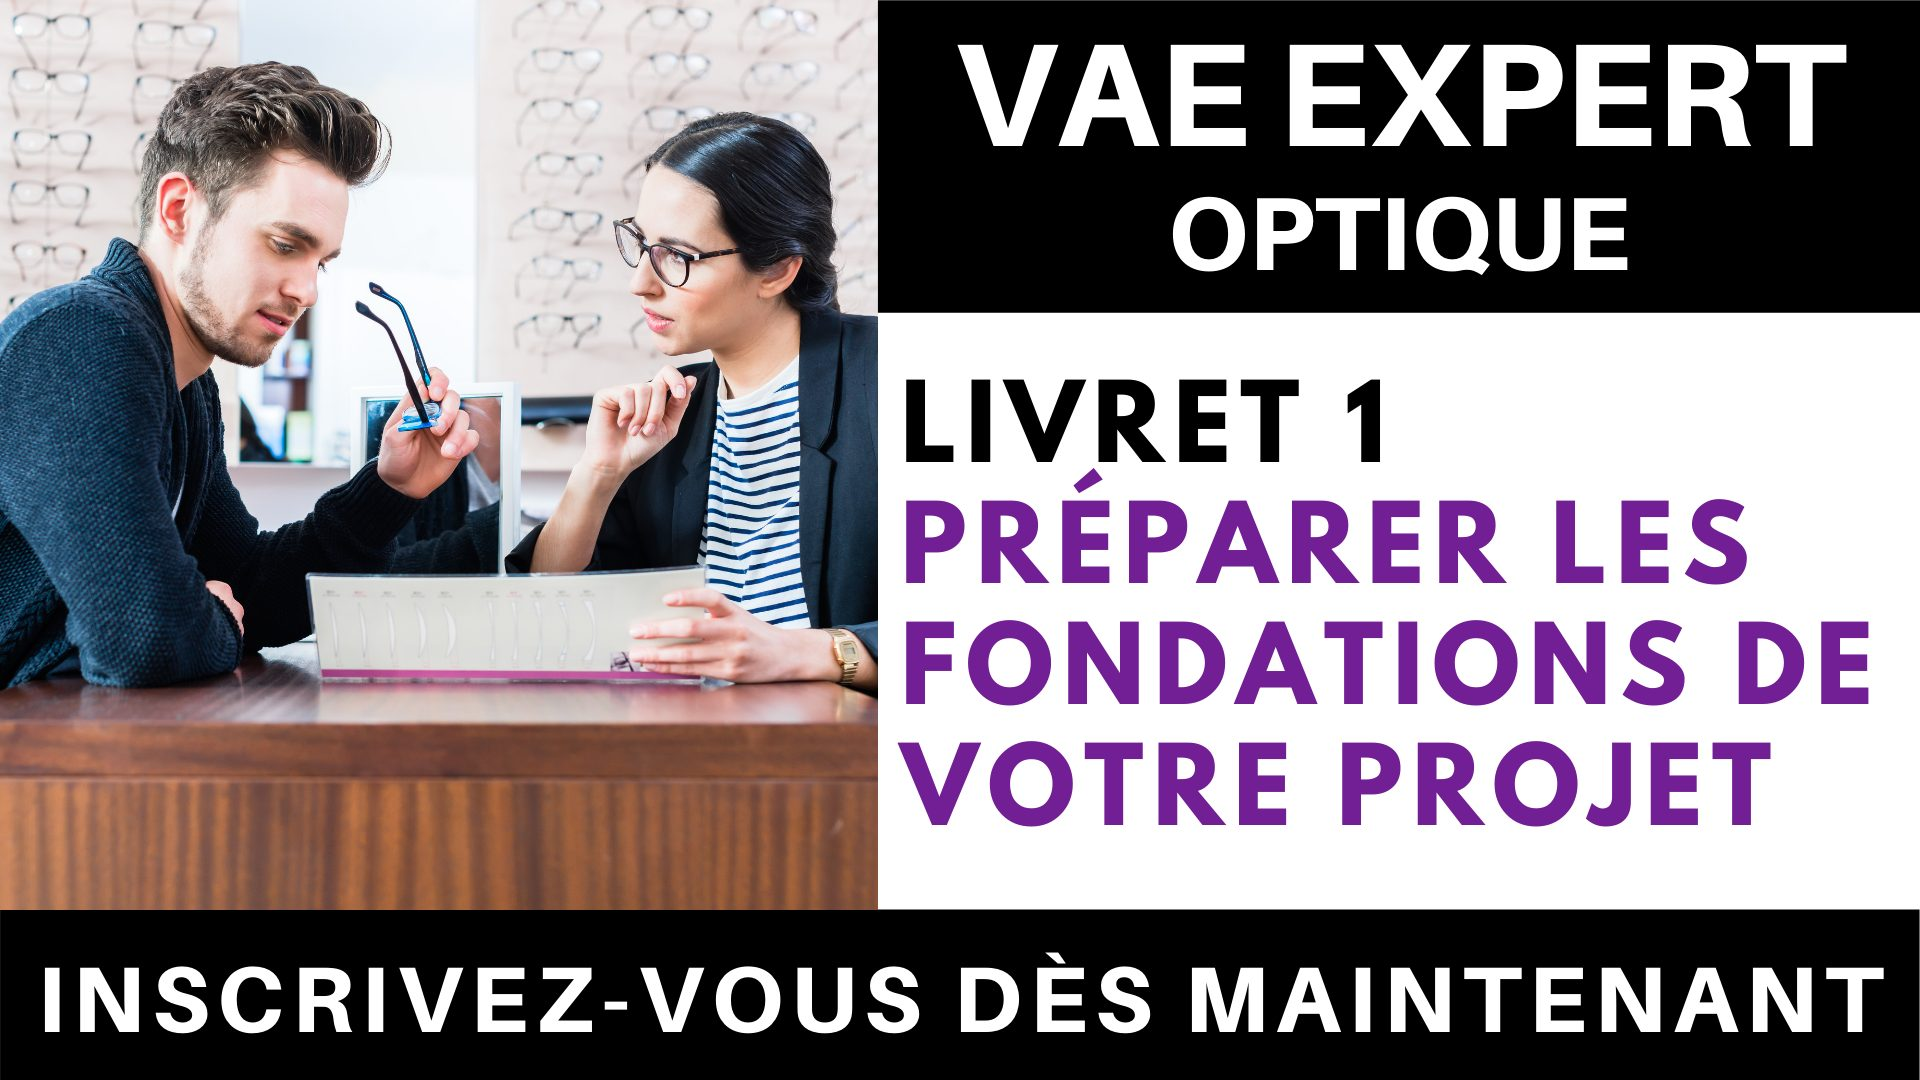 VAE LIVRET 1 OPTIQUE - préparer les fondations de votre projet